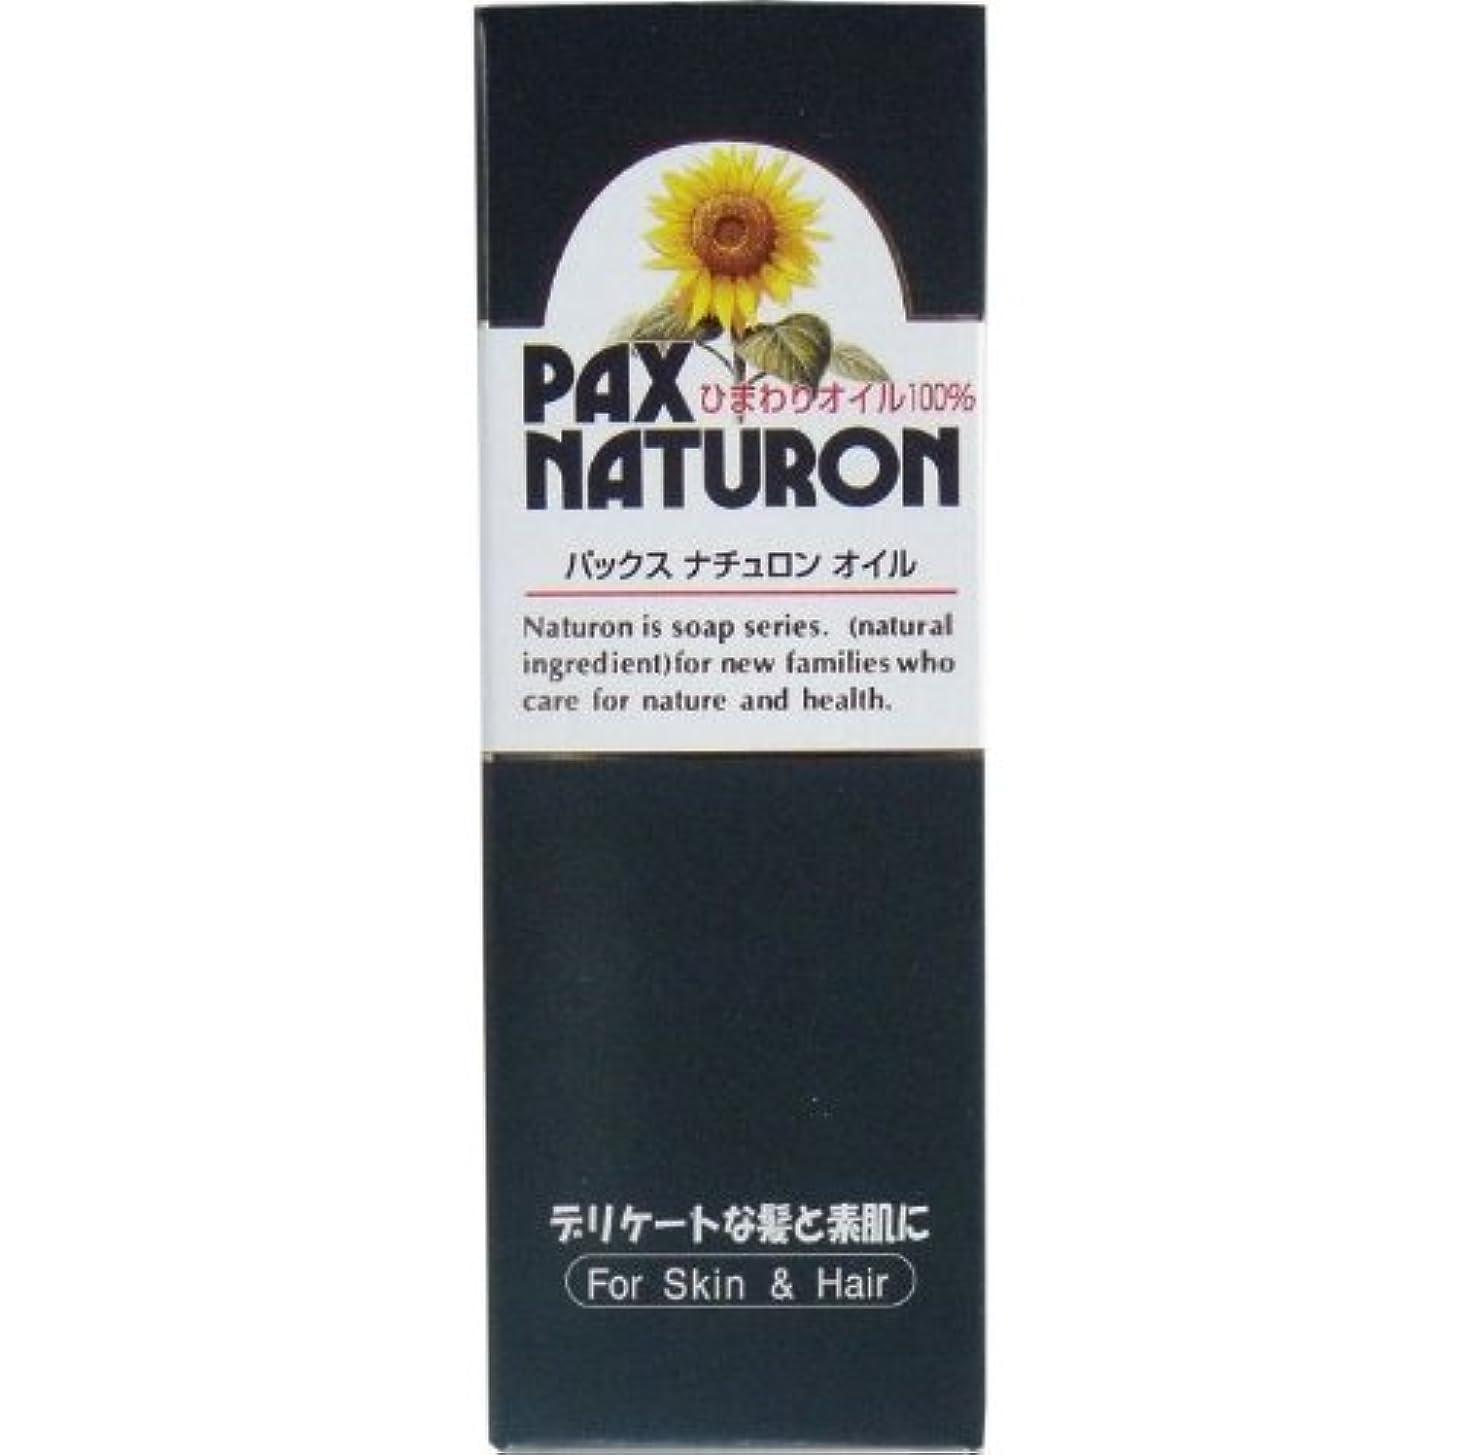 凍結アーサーコナンドイル条件付きデリケートな髪と素肌に!ひまわりの種子から採った ハイオレイックひまわり油 60mL【5個セット】